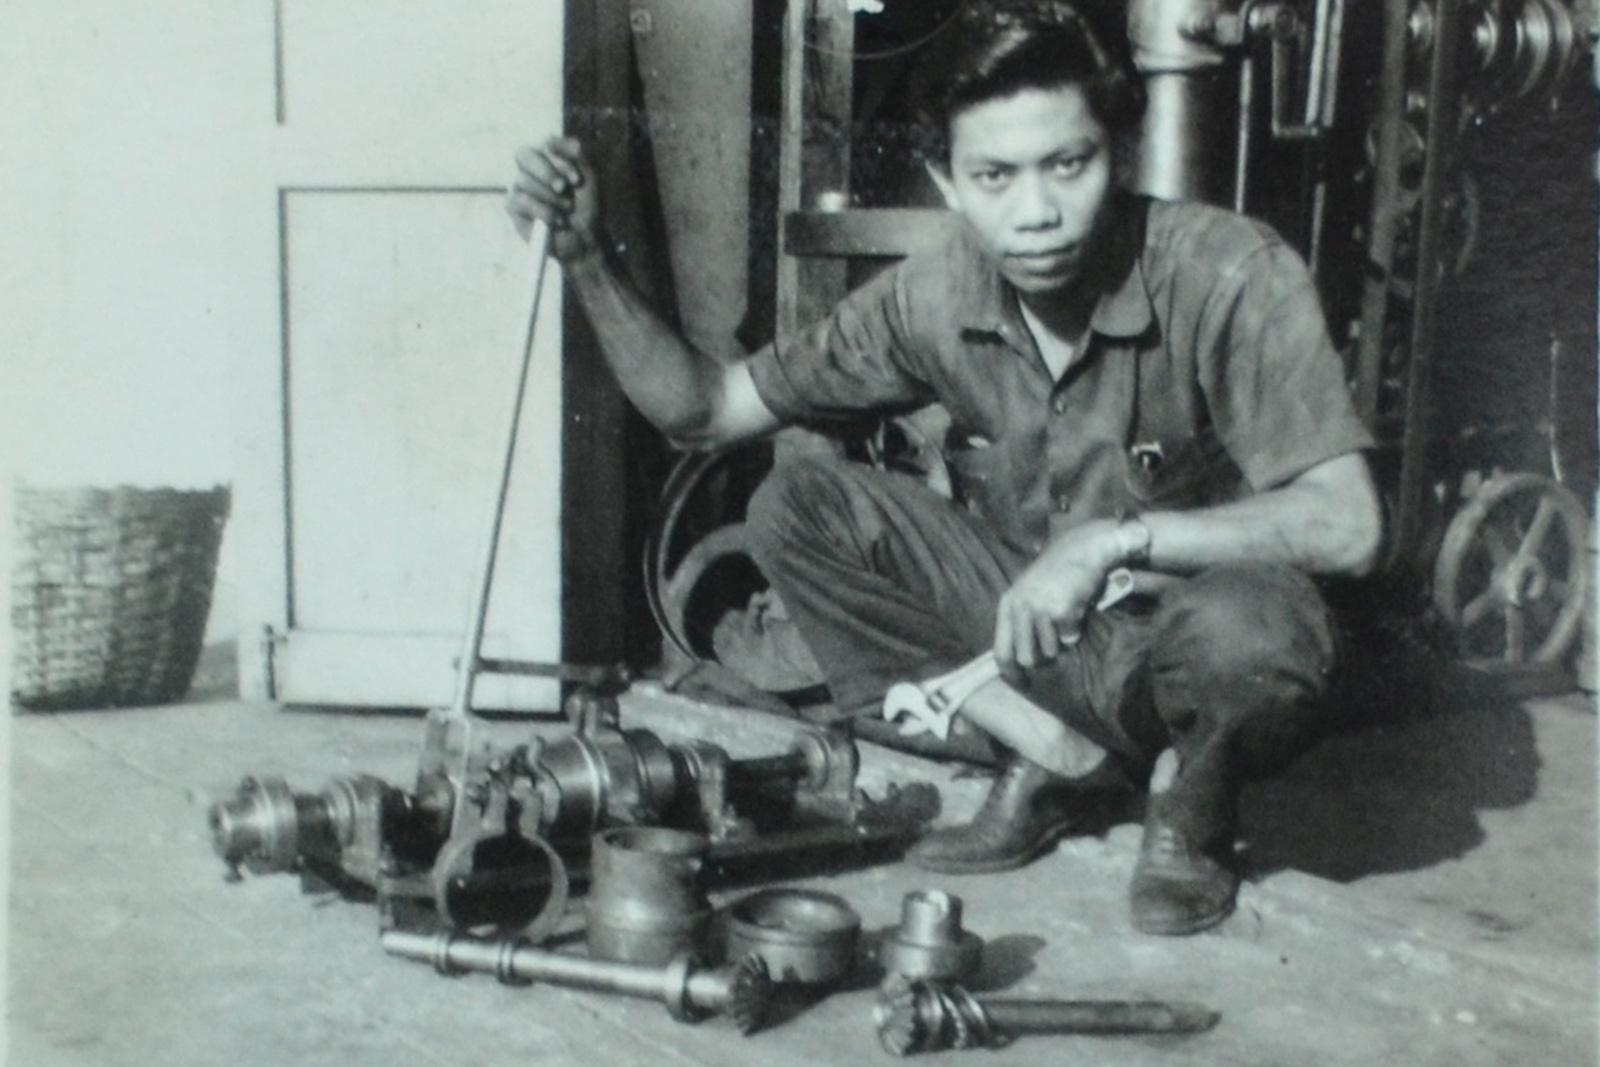 songsak-original-longtail-gear-box-sps-swamp-runner-manufacturer